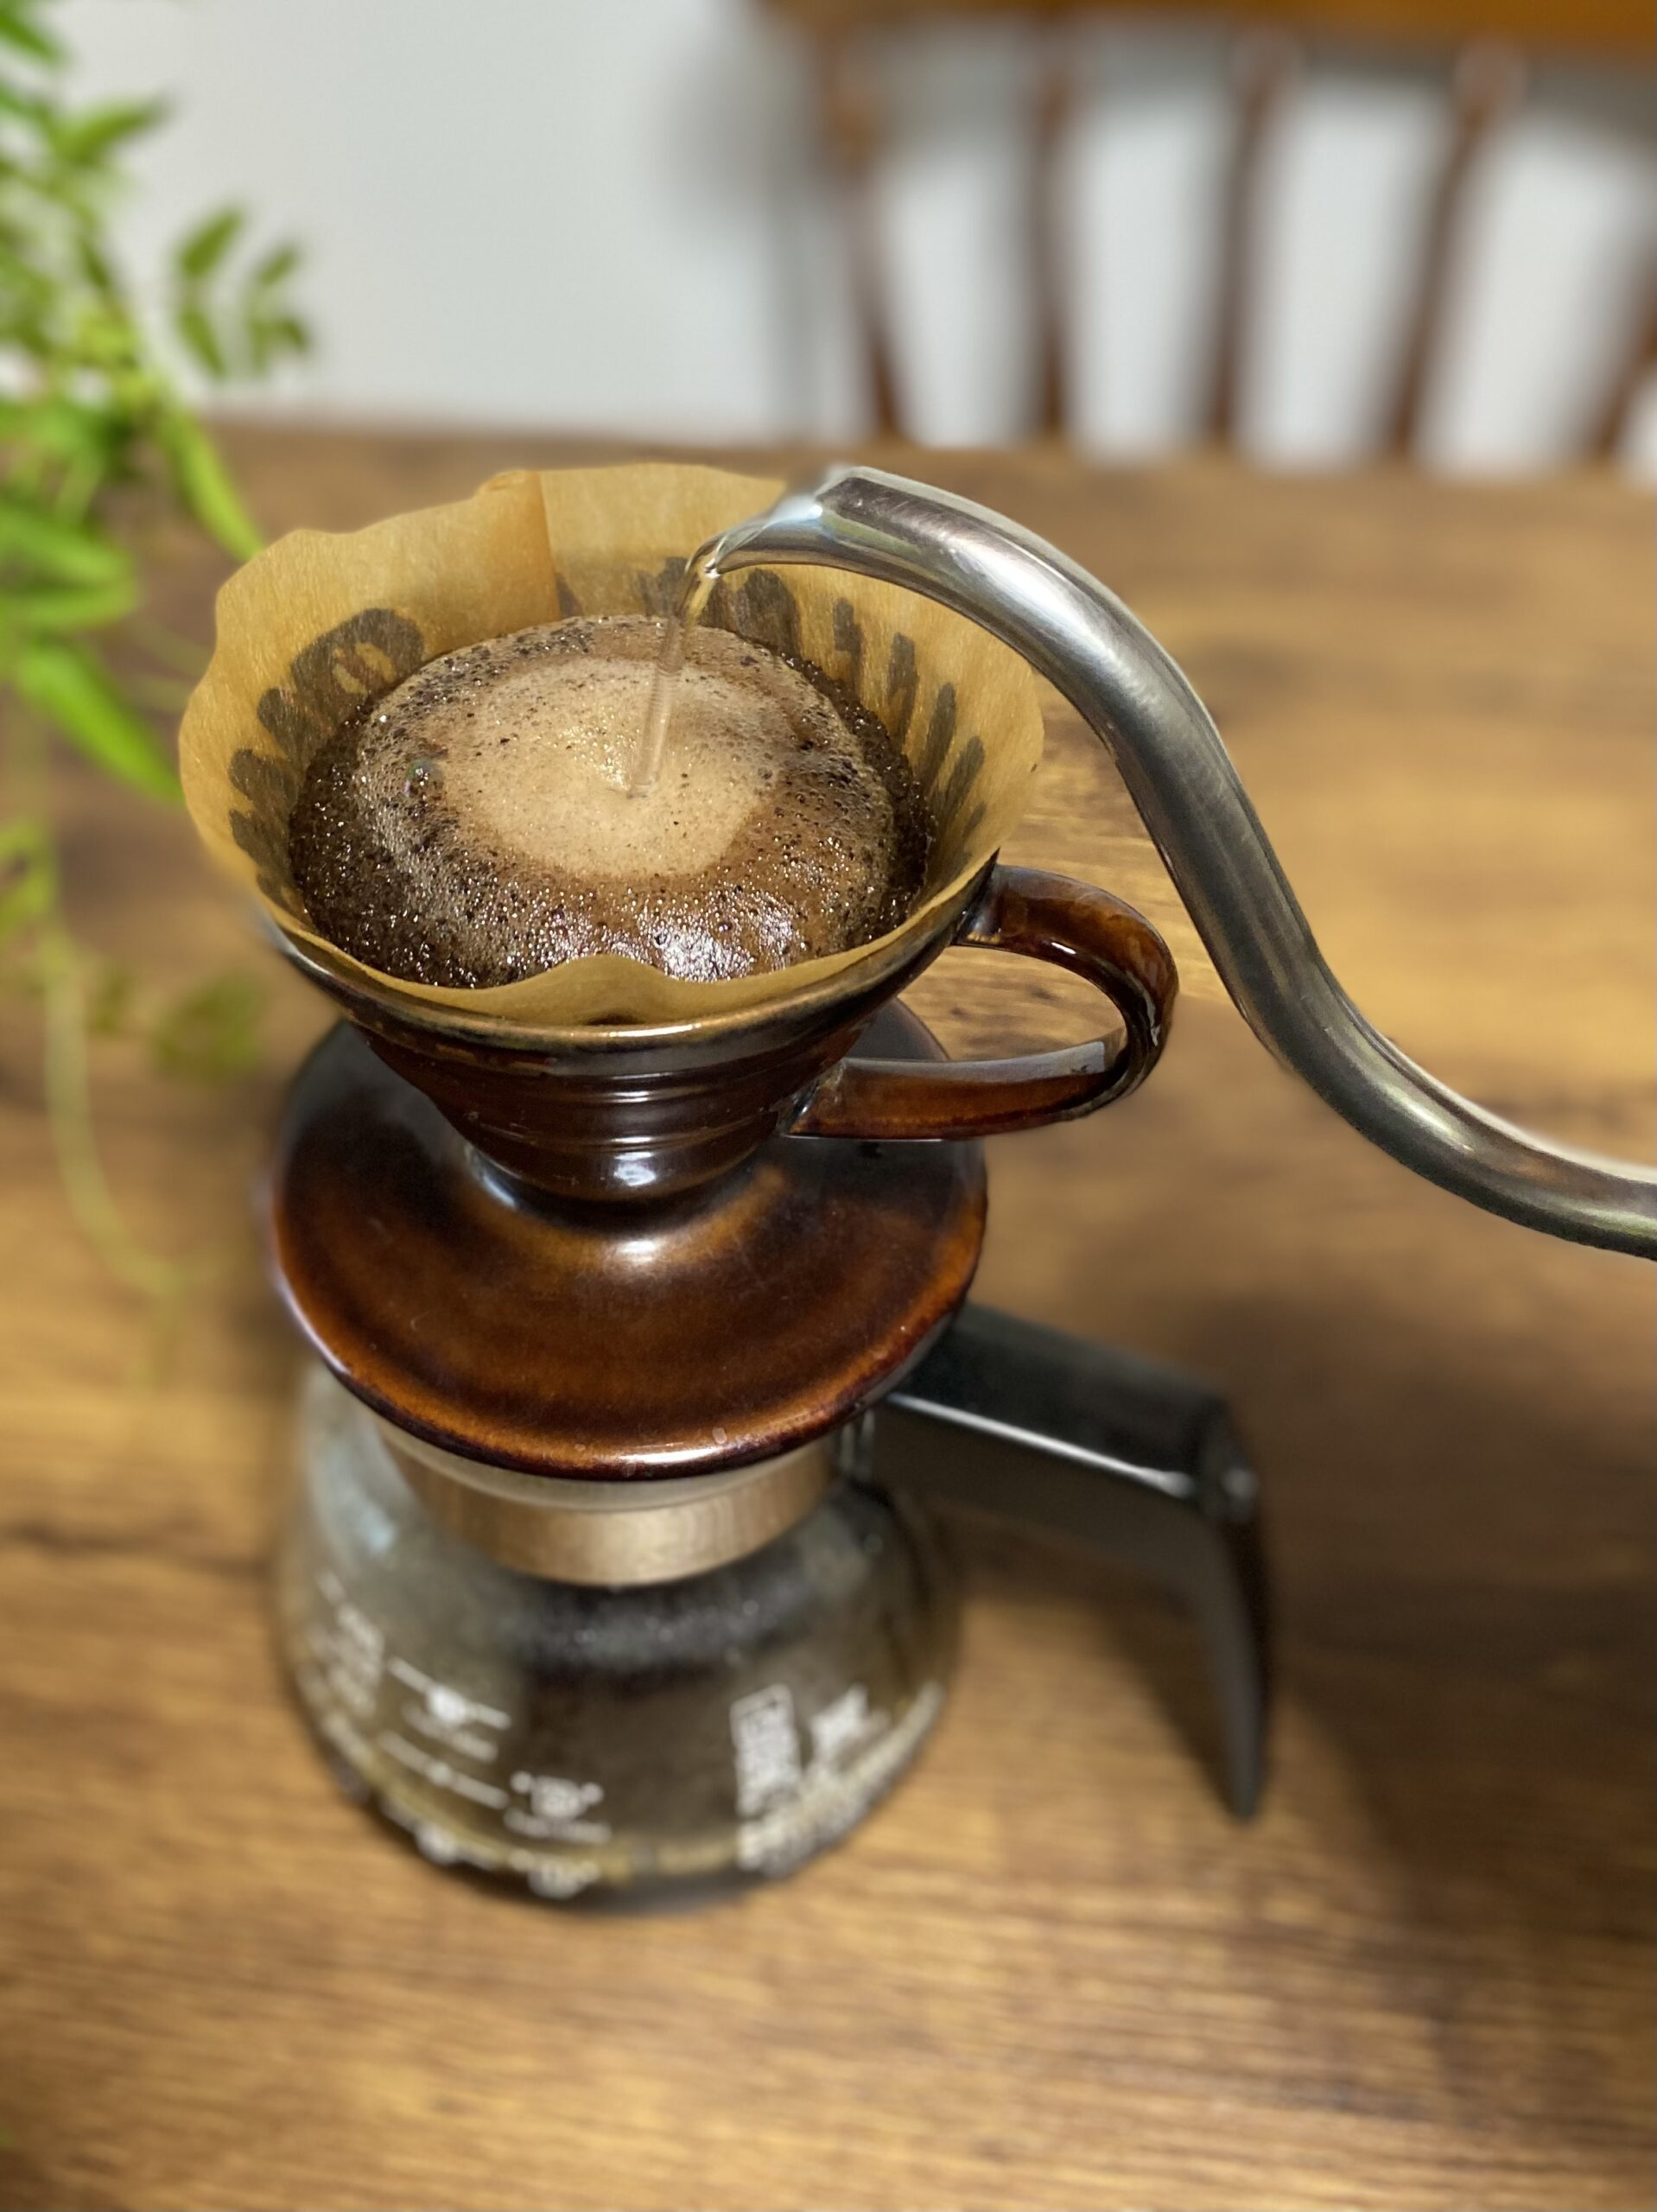 一杯のコーヒーで、こころもからだも幸せいっぱいに。